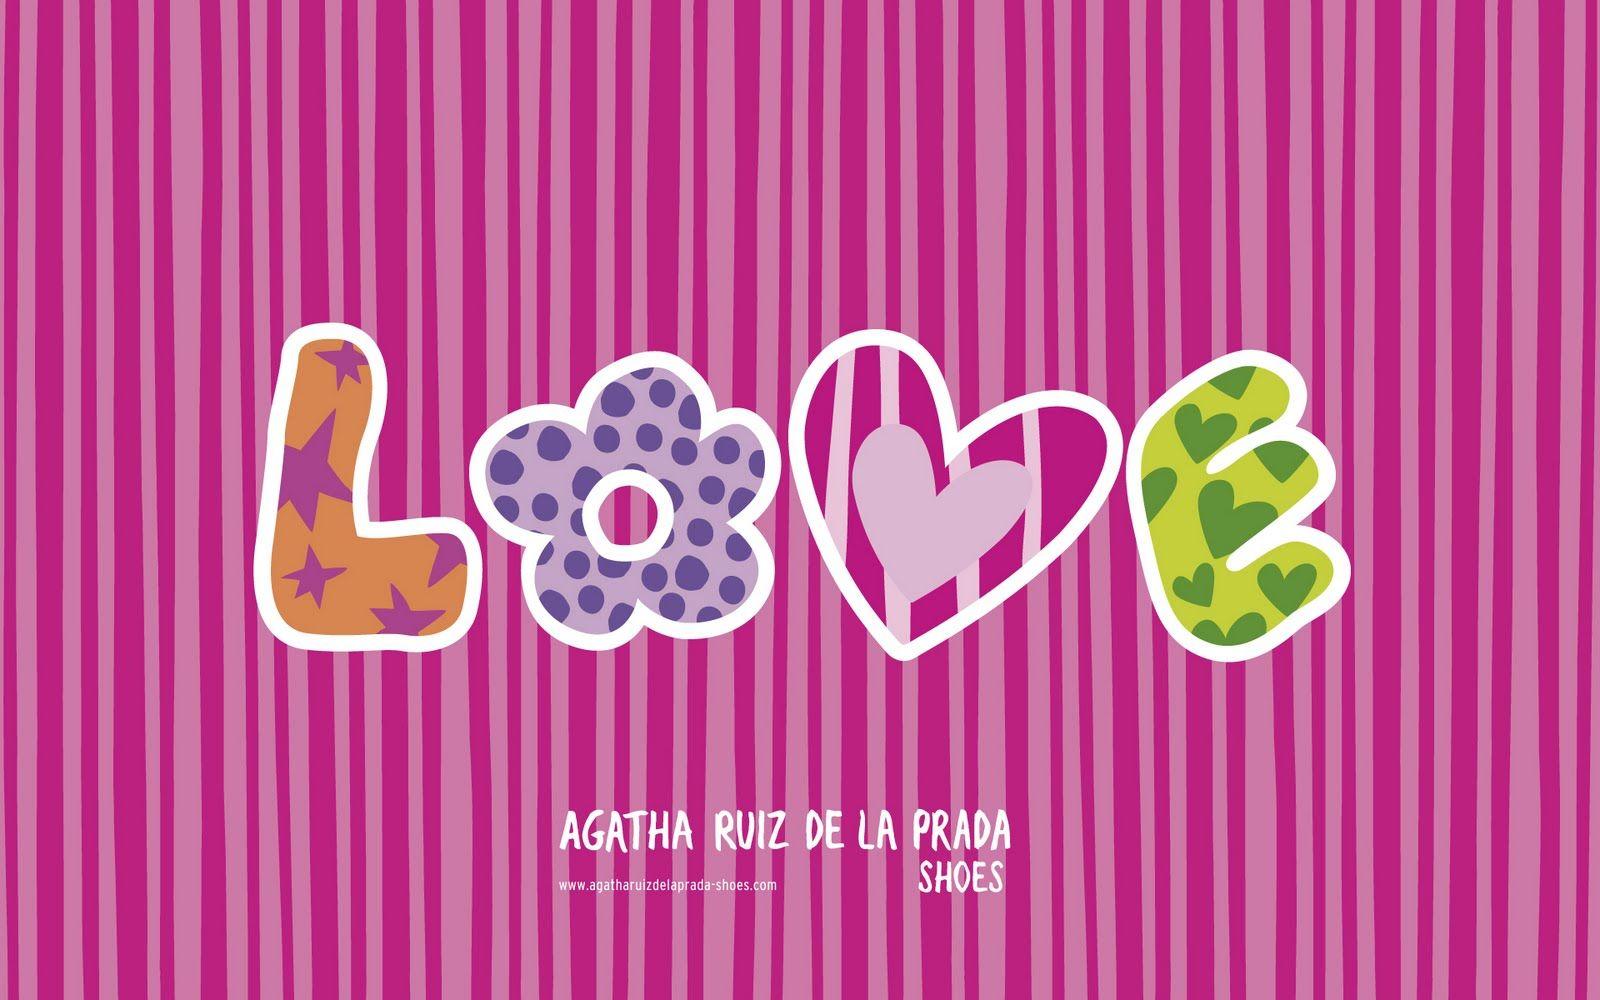 Agatha ruiz de la prada brand wallpaper pinterest - Carrelage agatha ruiz dela prada ...